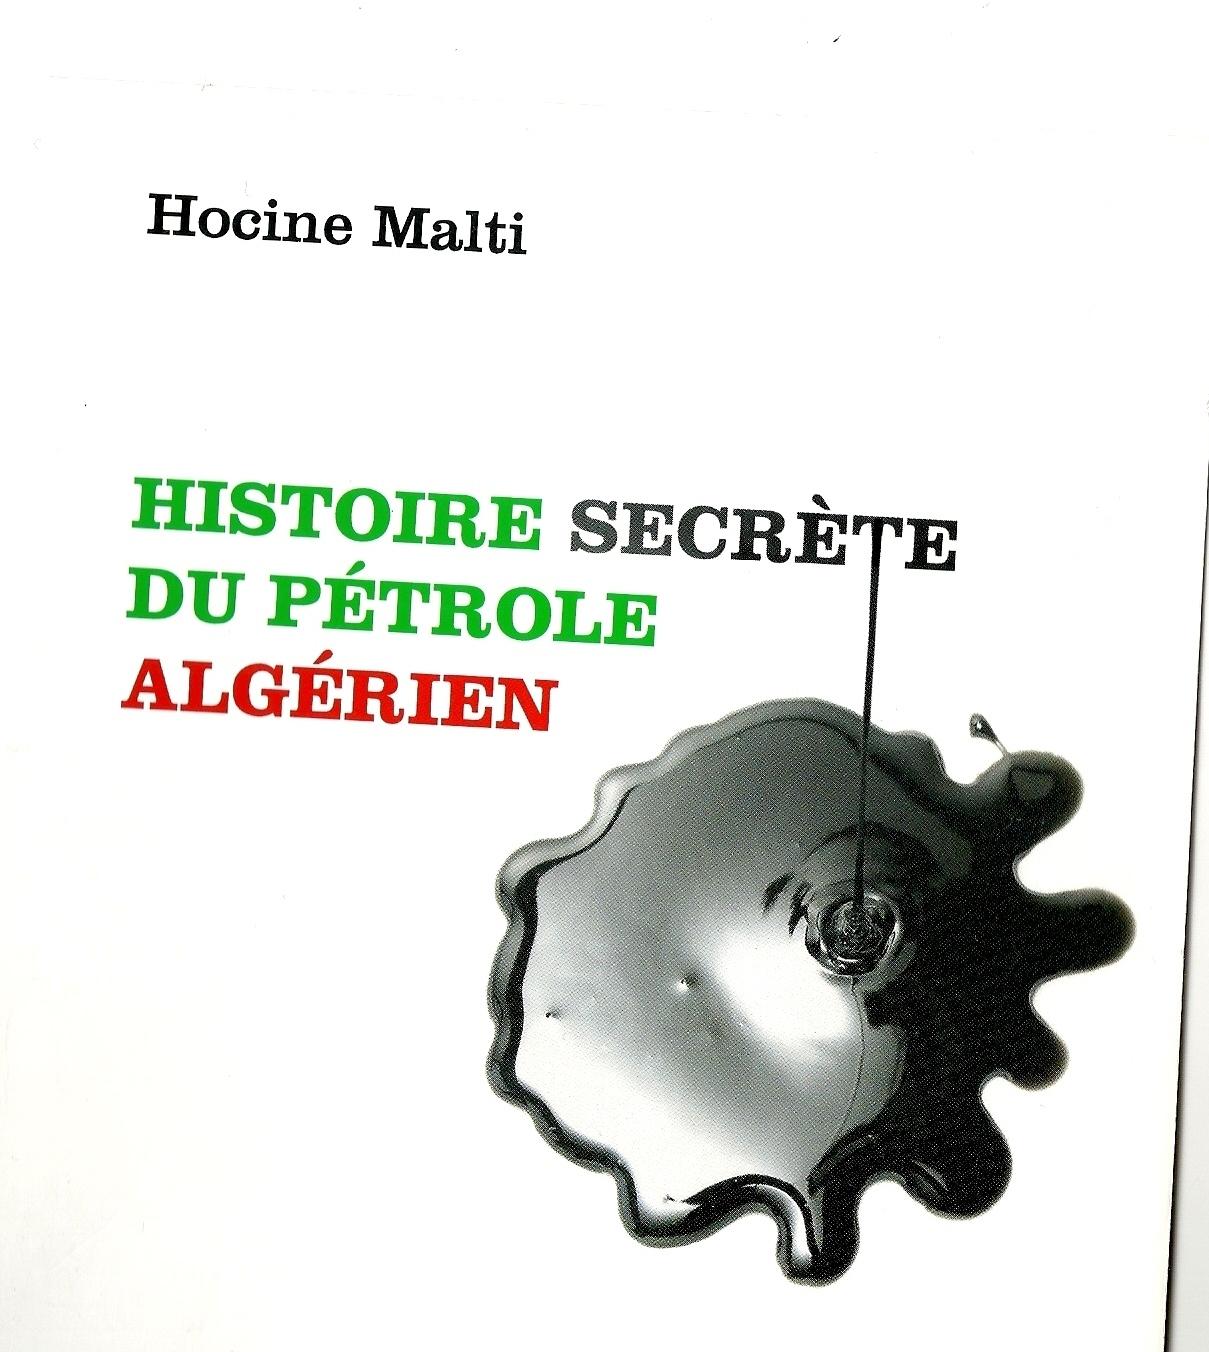 Danger : Hollande à Alger, ou l'histoire secrète du pétrole algérien…